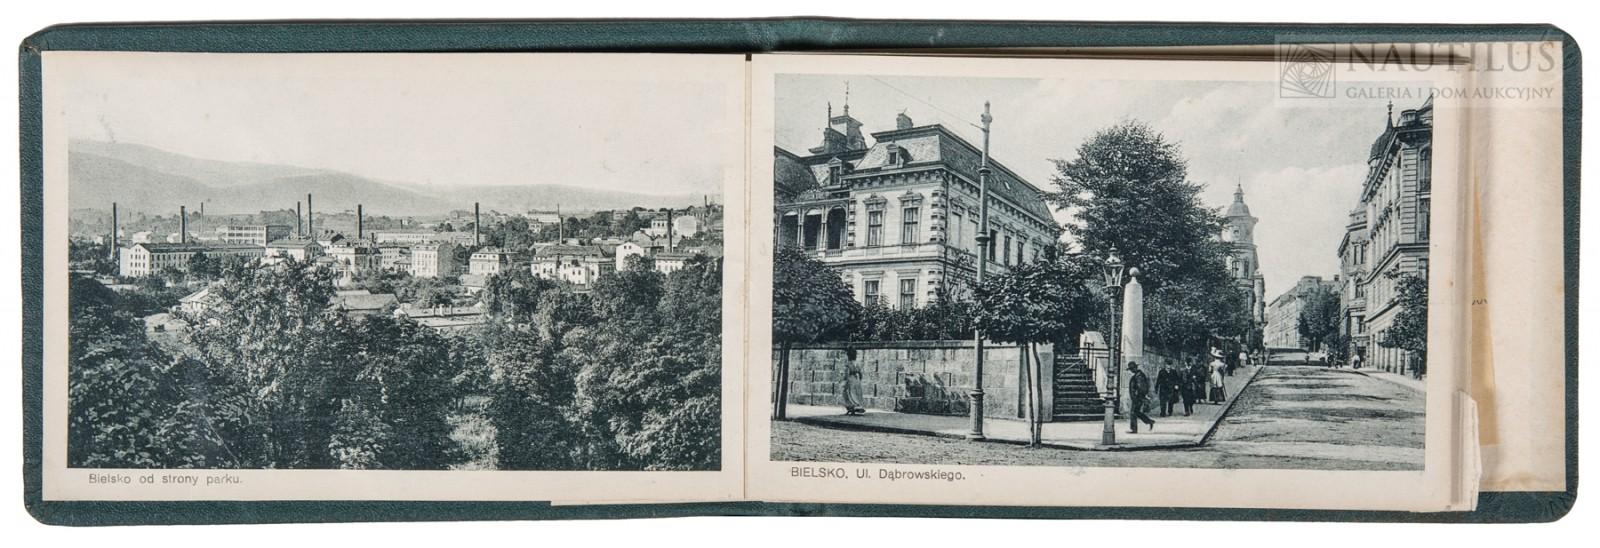 Bielsko-Biała. Album 12 pocztówek